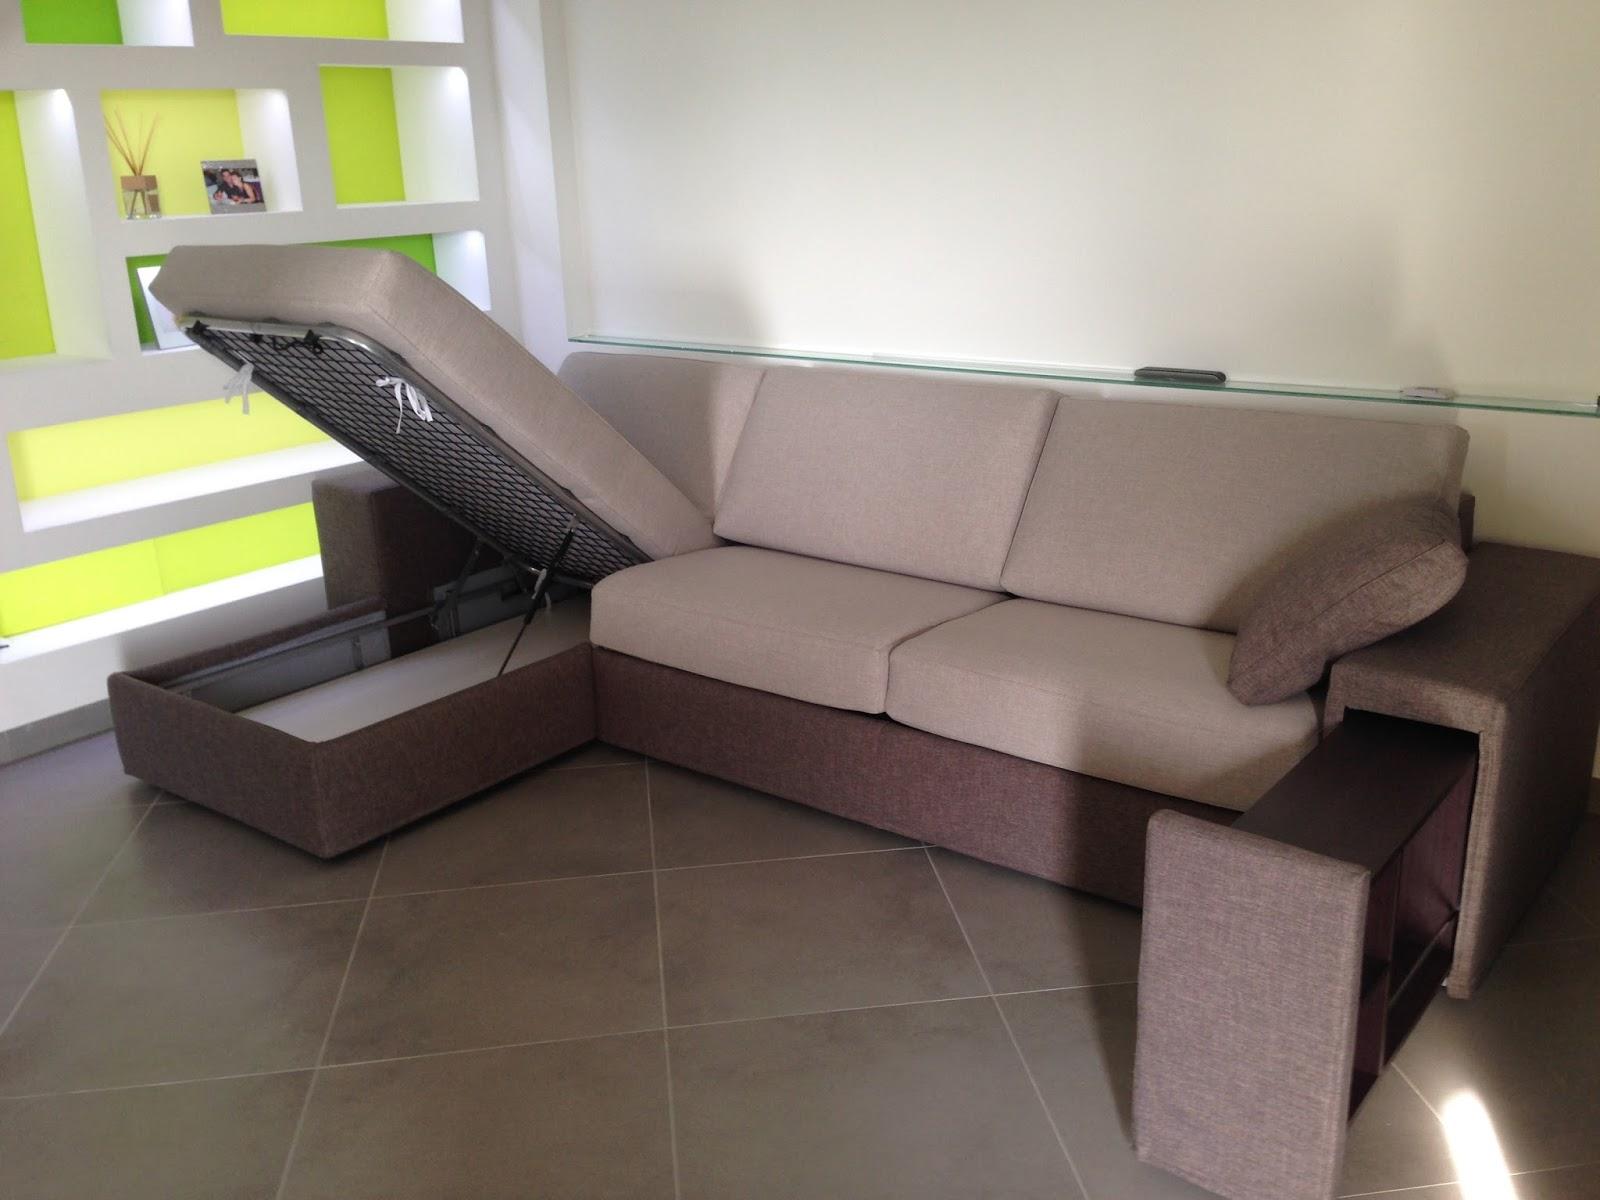 Divani blog tino mariani divani con contenitore su misura - Divani letto chaise longue ...